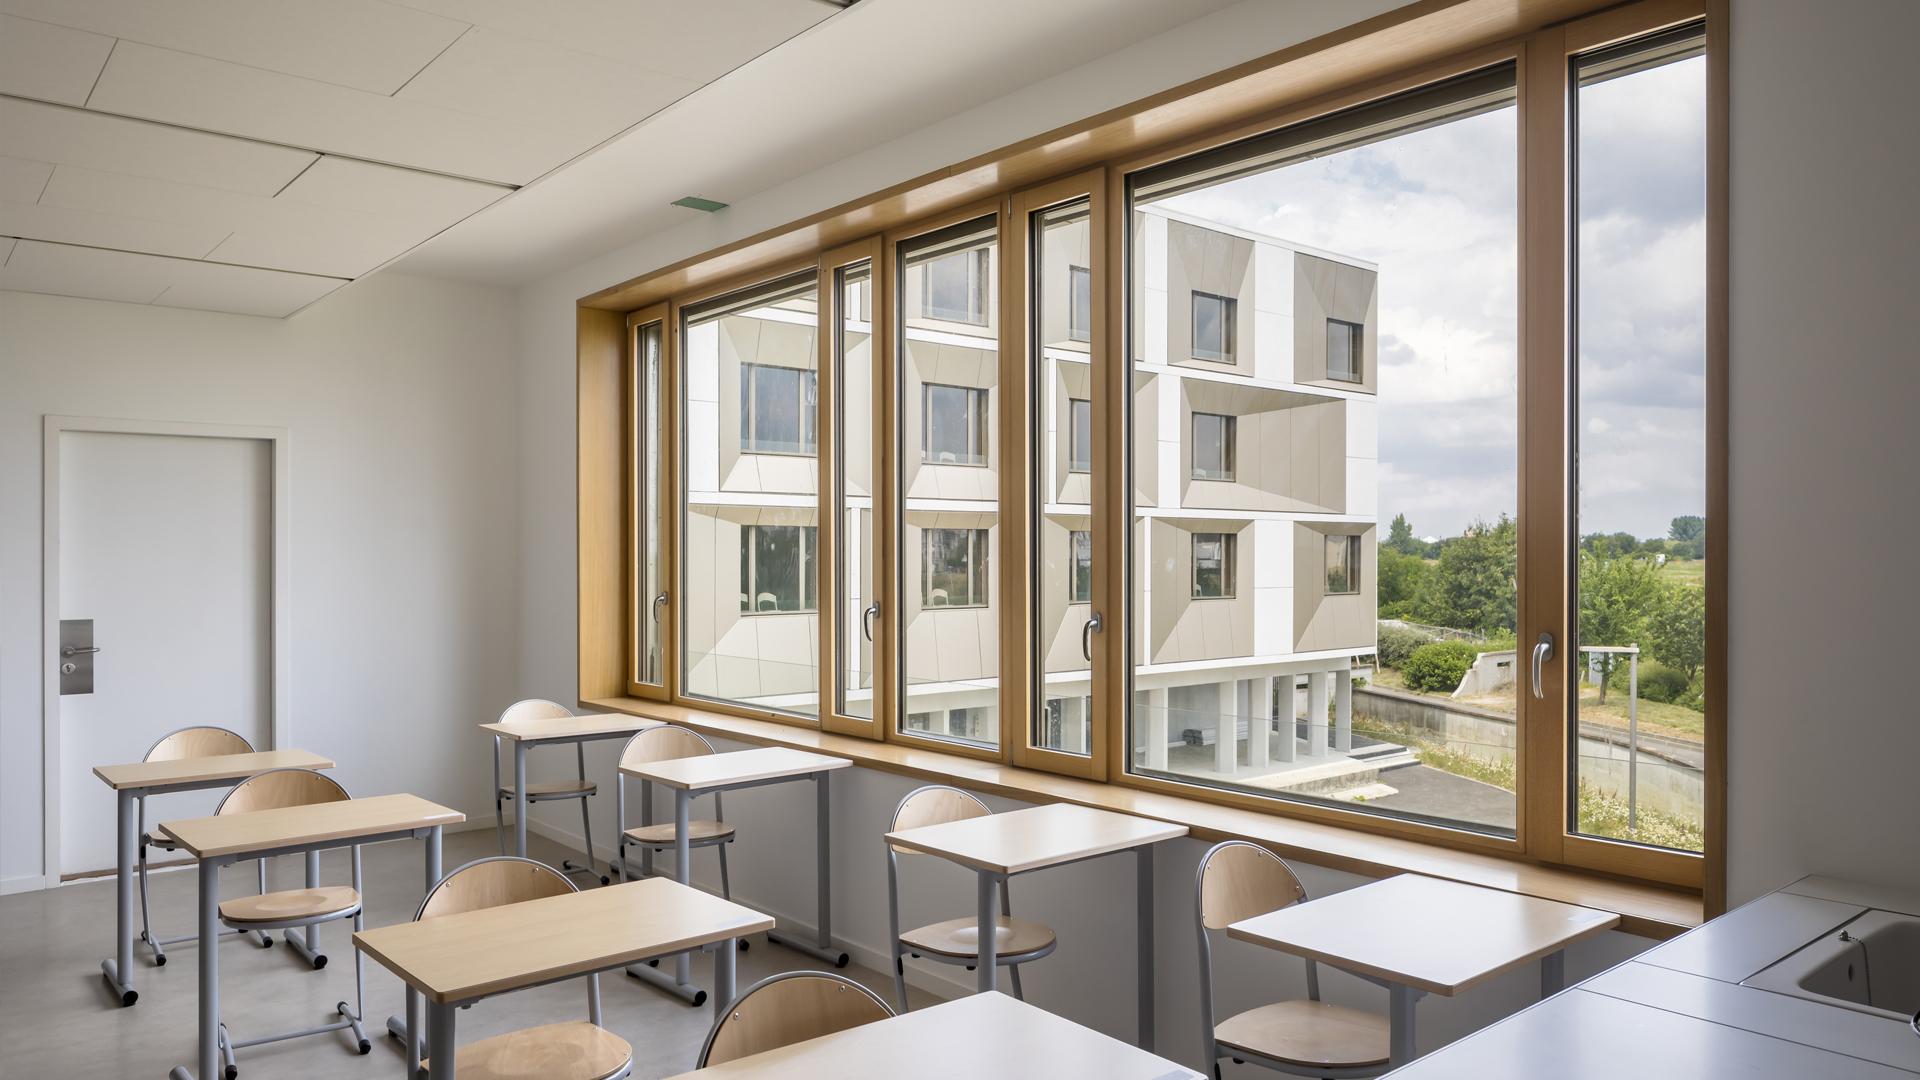 Extension du lycée Emilie du Châtelet | Brenac & Gonzalez et Associés